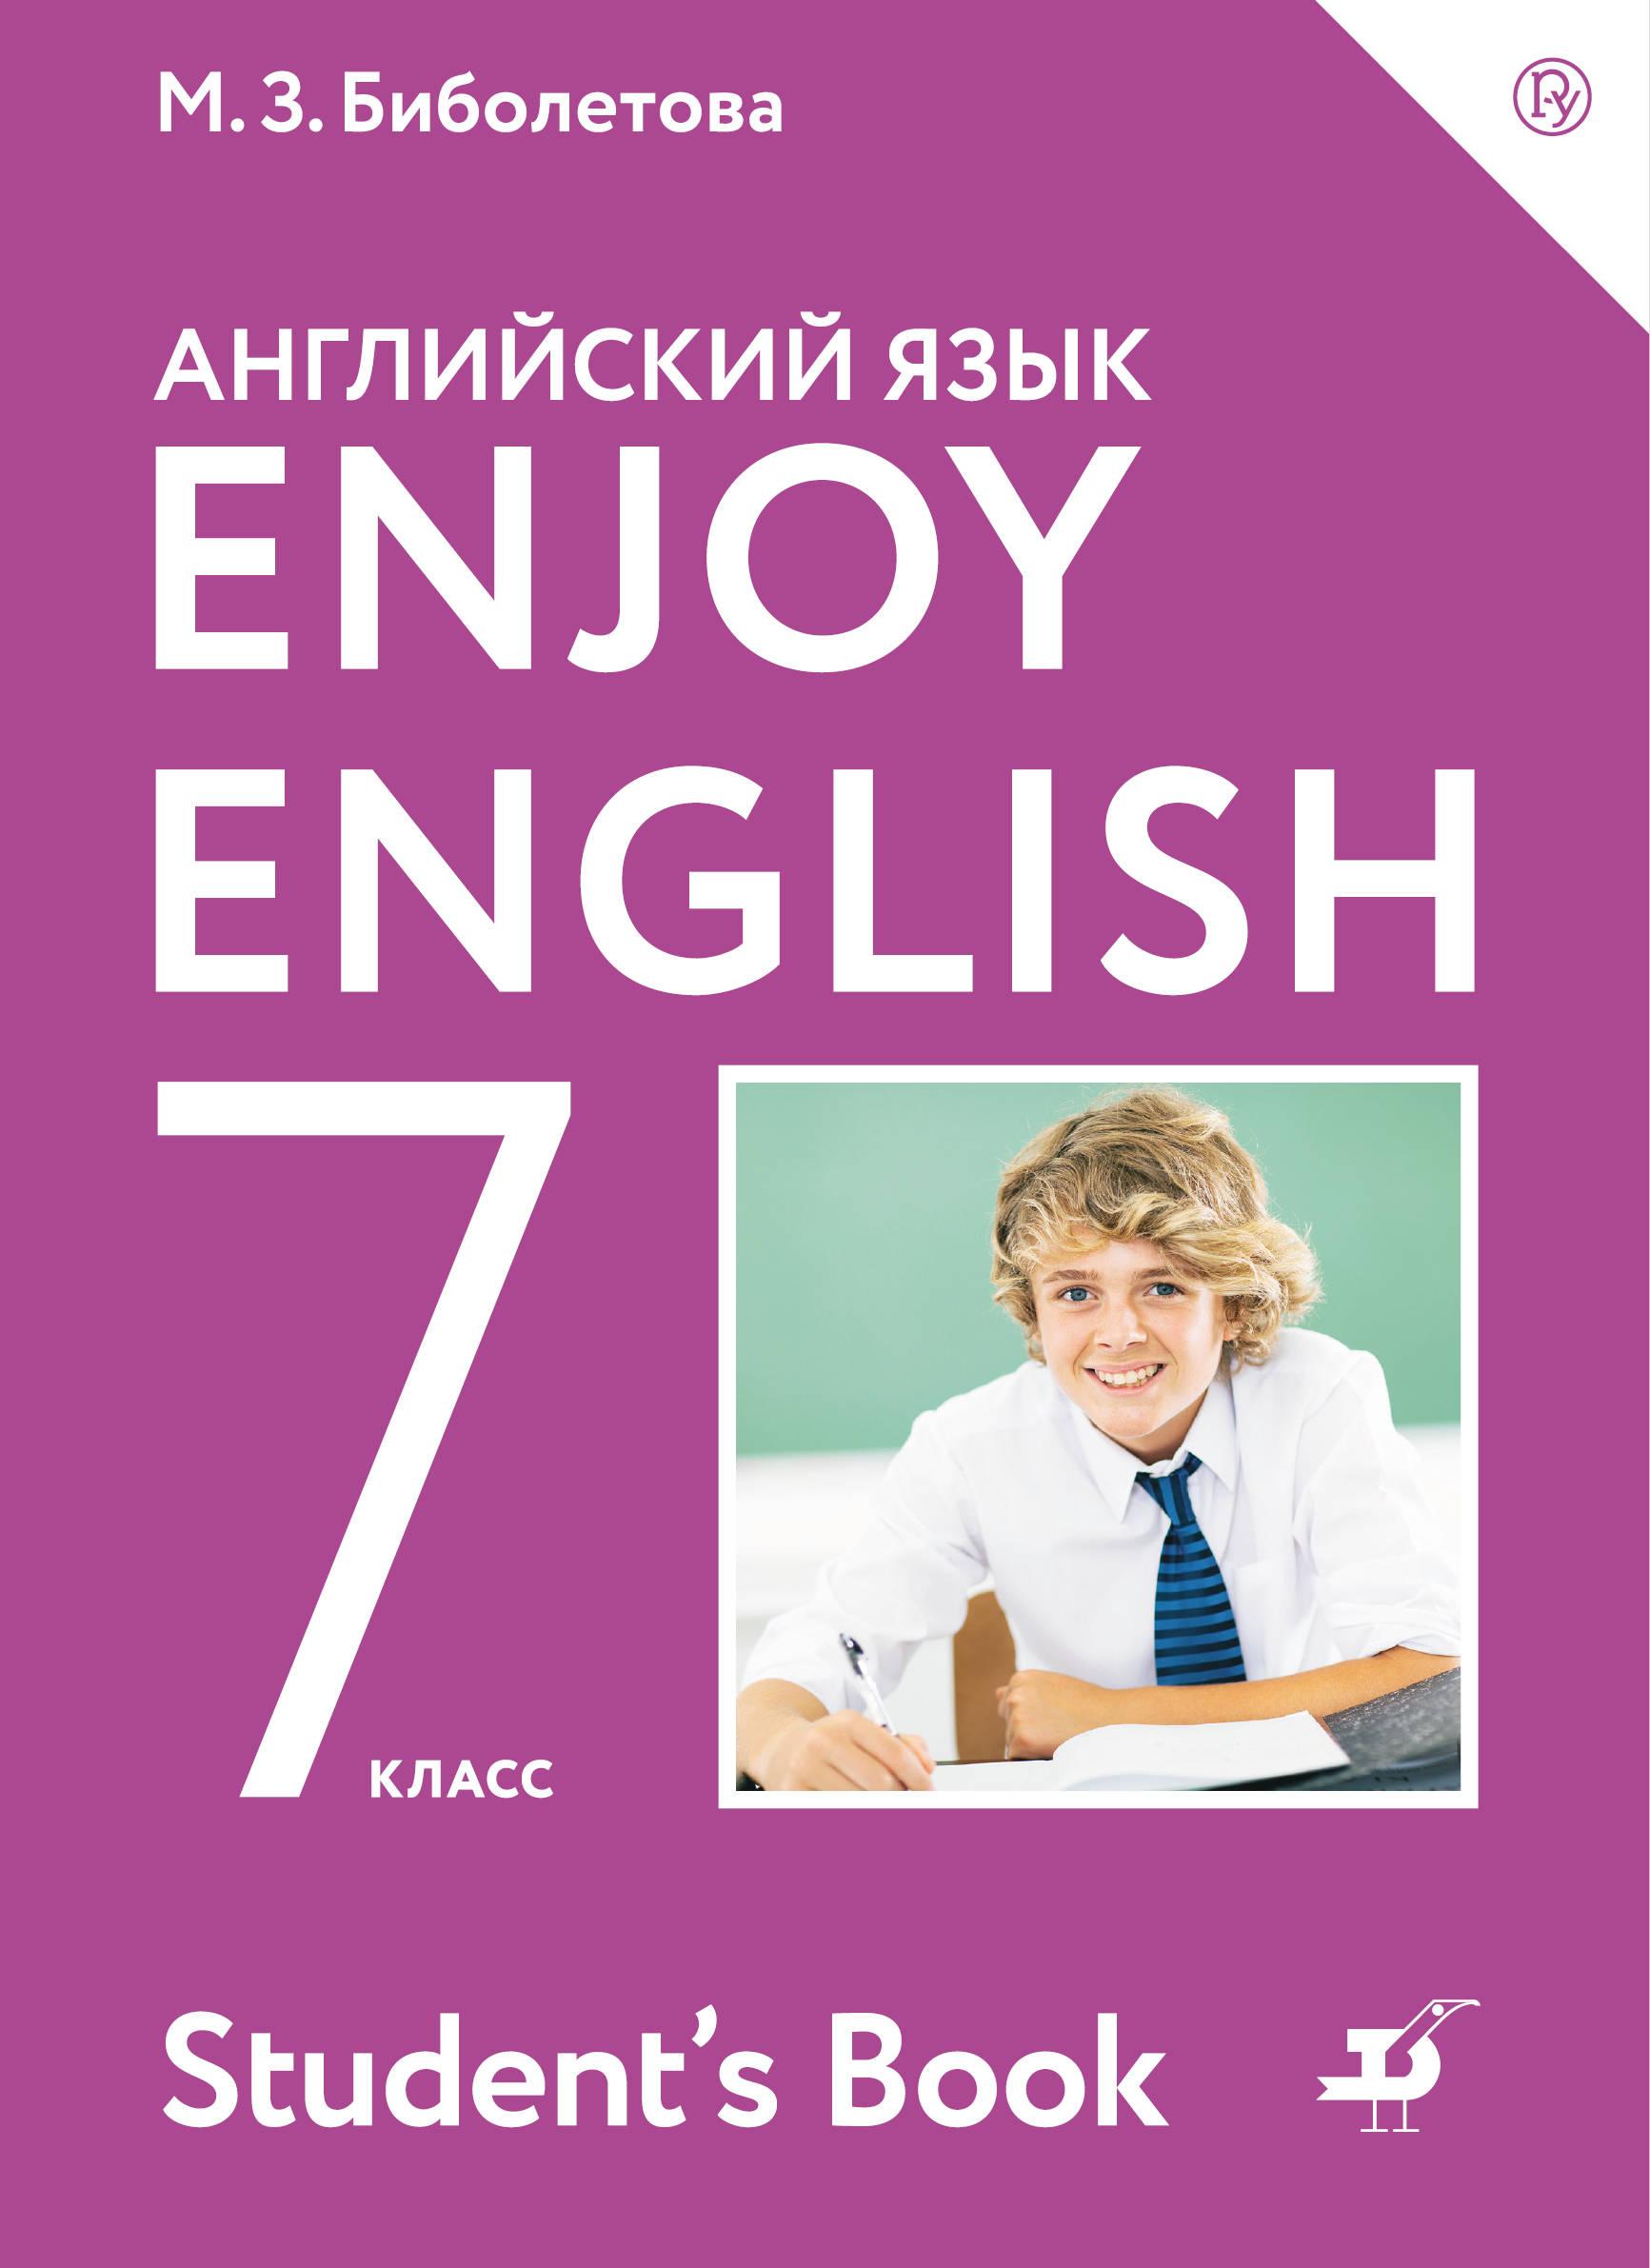 Enjoy English/Английский с удовольствием. 7 класс. Учебник, Биболетова Мерем Забатовна